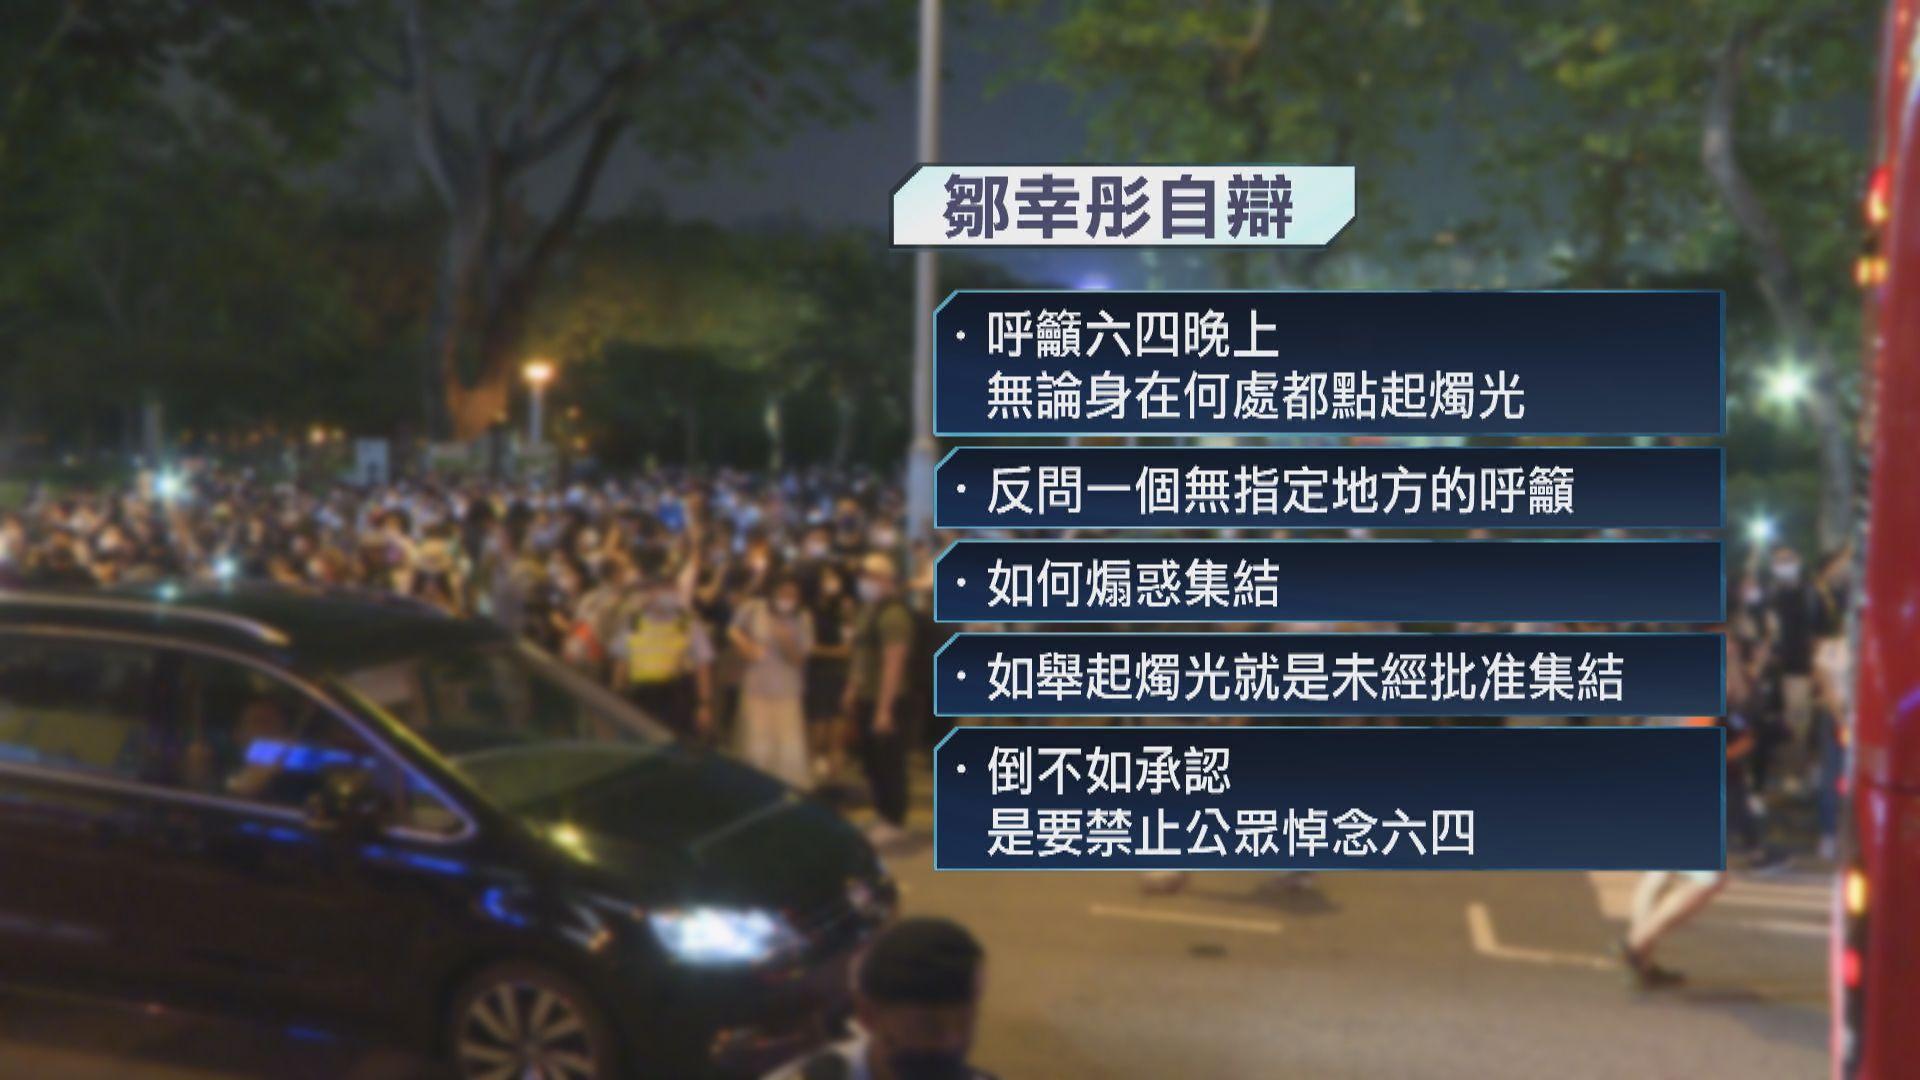 鄒幸彤自辯 籲市民悼六四沒指定地點如何構成煽惑集結